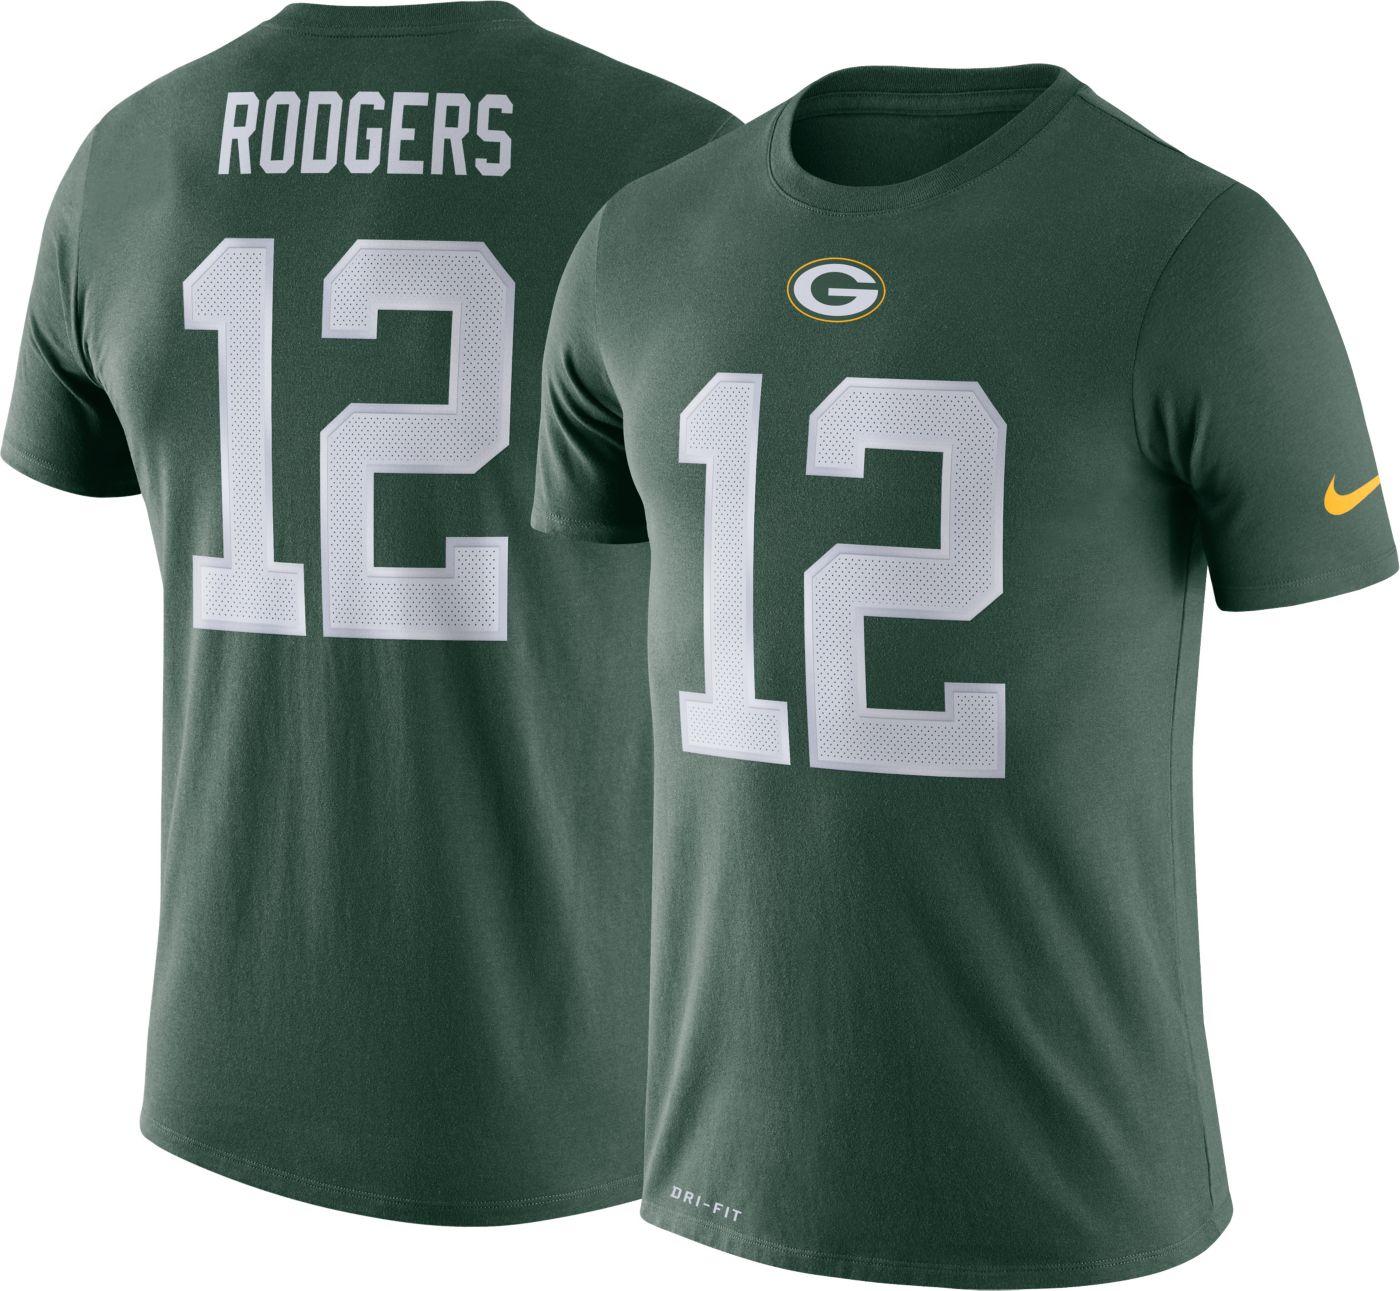 Nike Men's Green Bay Packers Aaron Rodgers #12 Logo Green T-Shirt